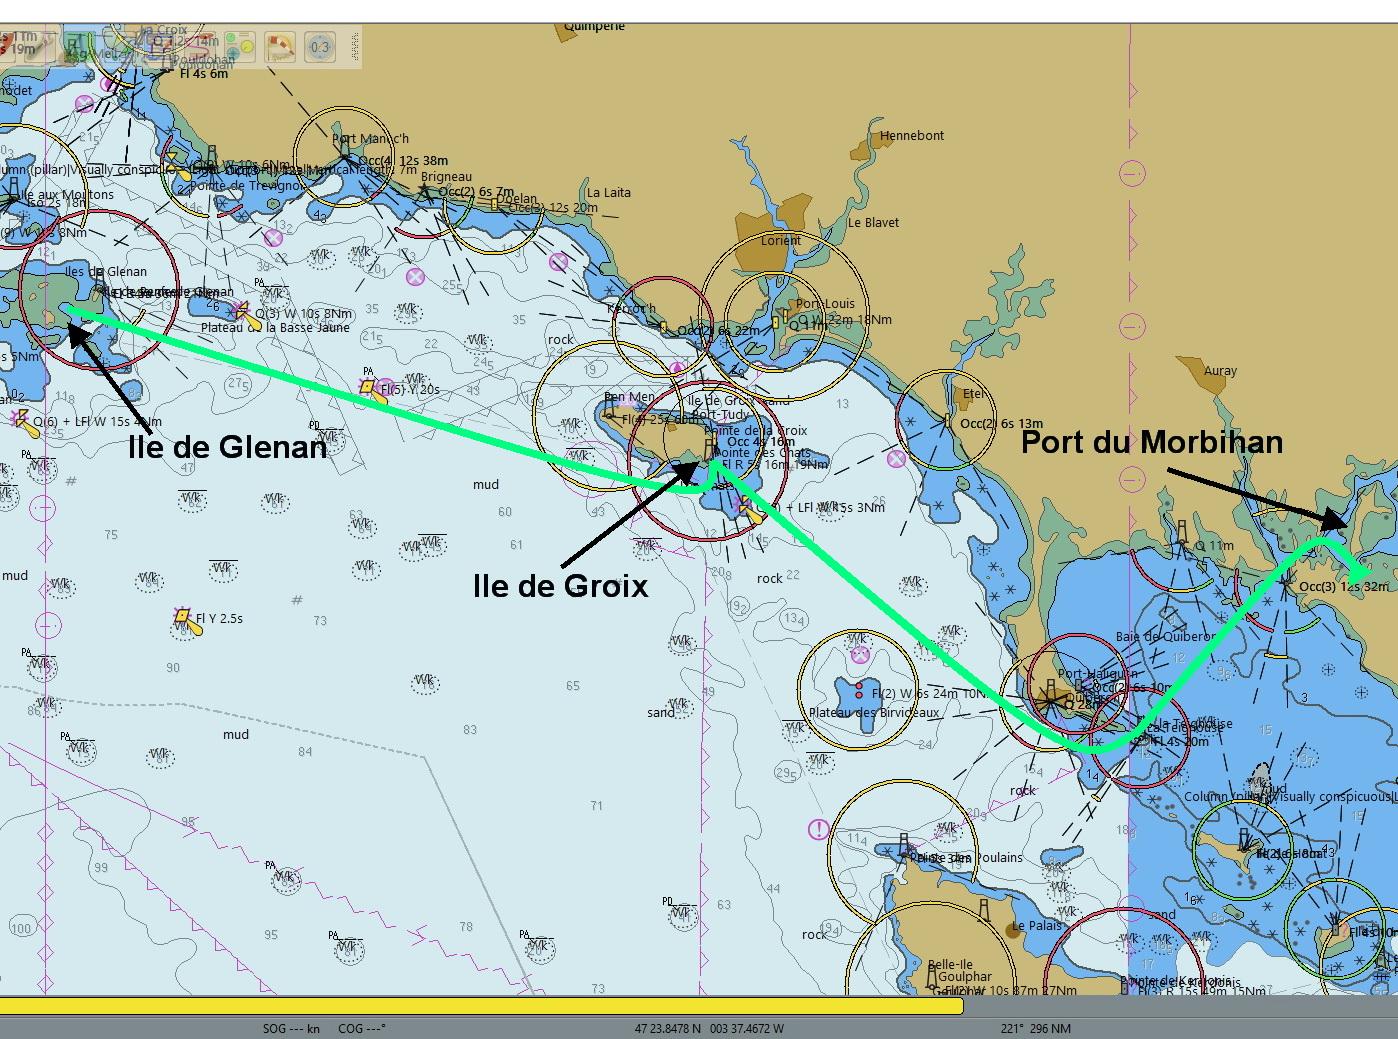 Route 'Iles de Glenan' naar 'Golfe du Morbihan'